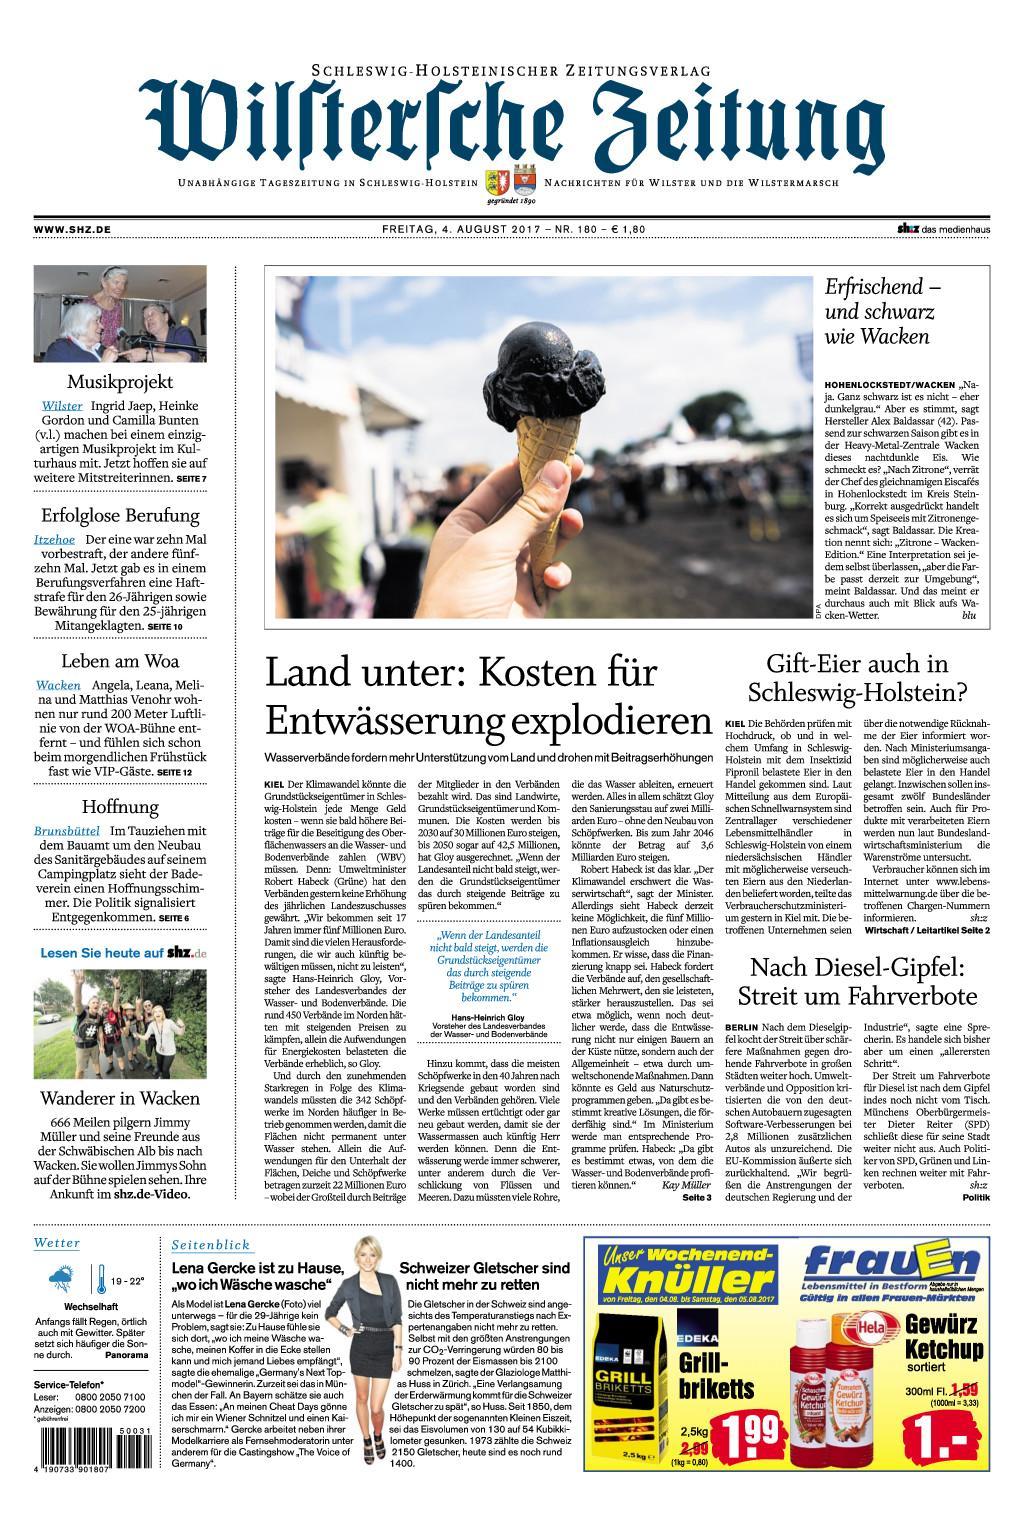 Wilstersche Zeitung 04 August 2017